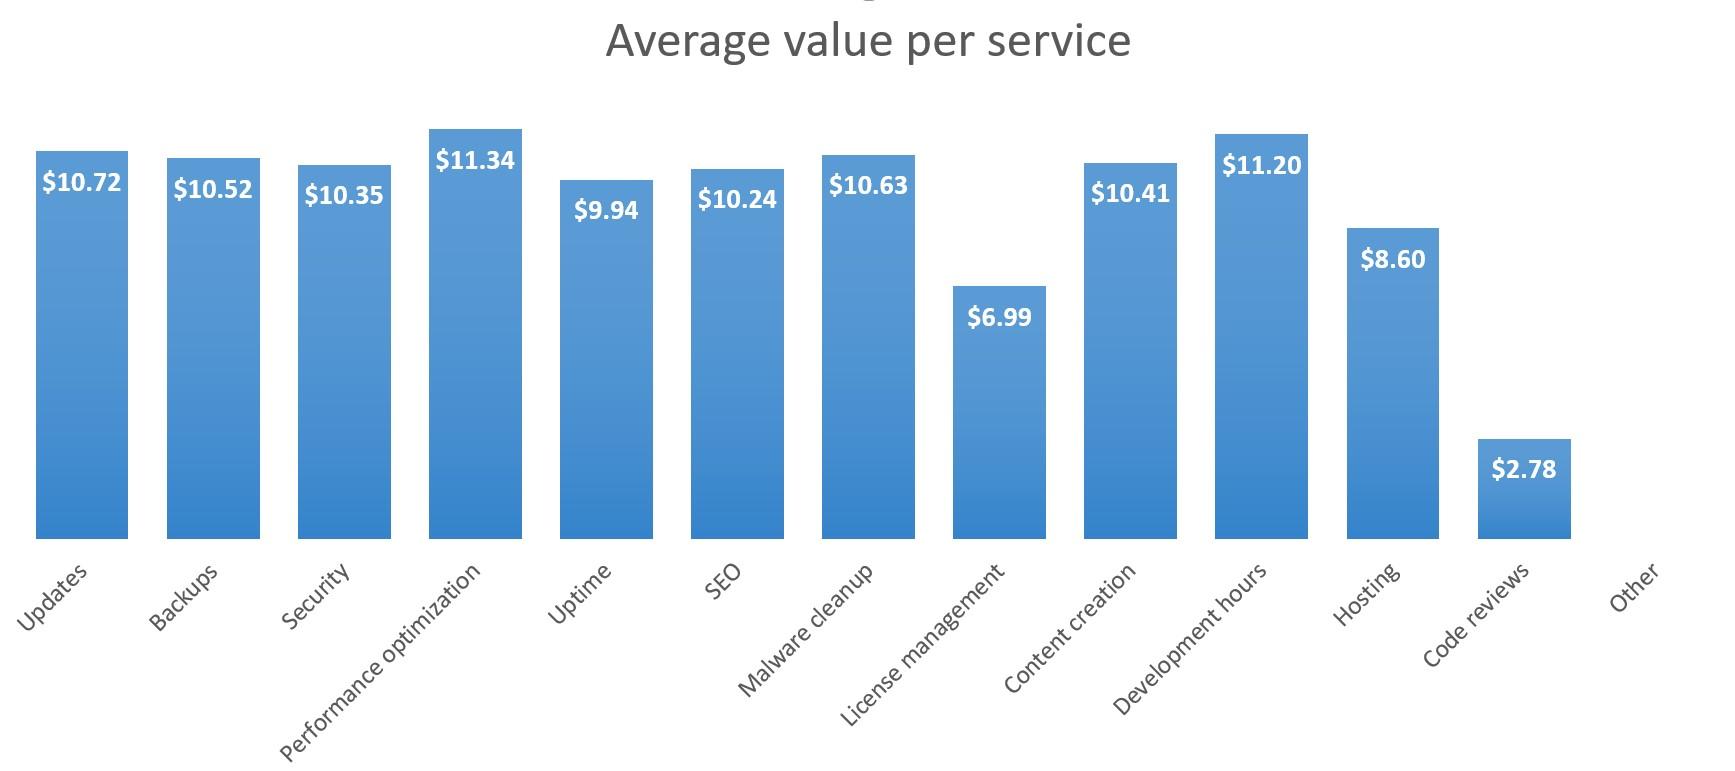 Single tier: Average value per service